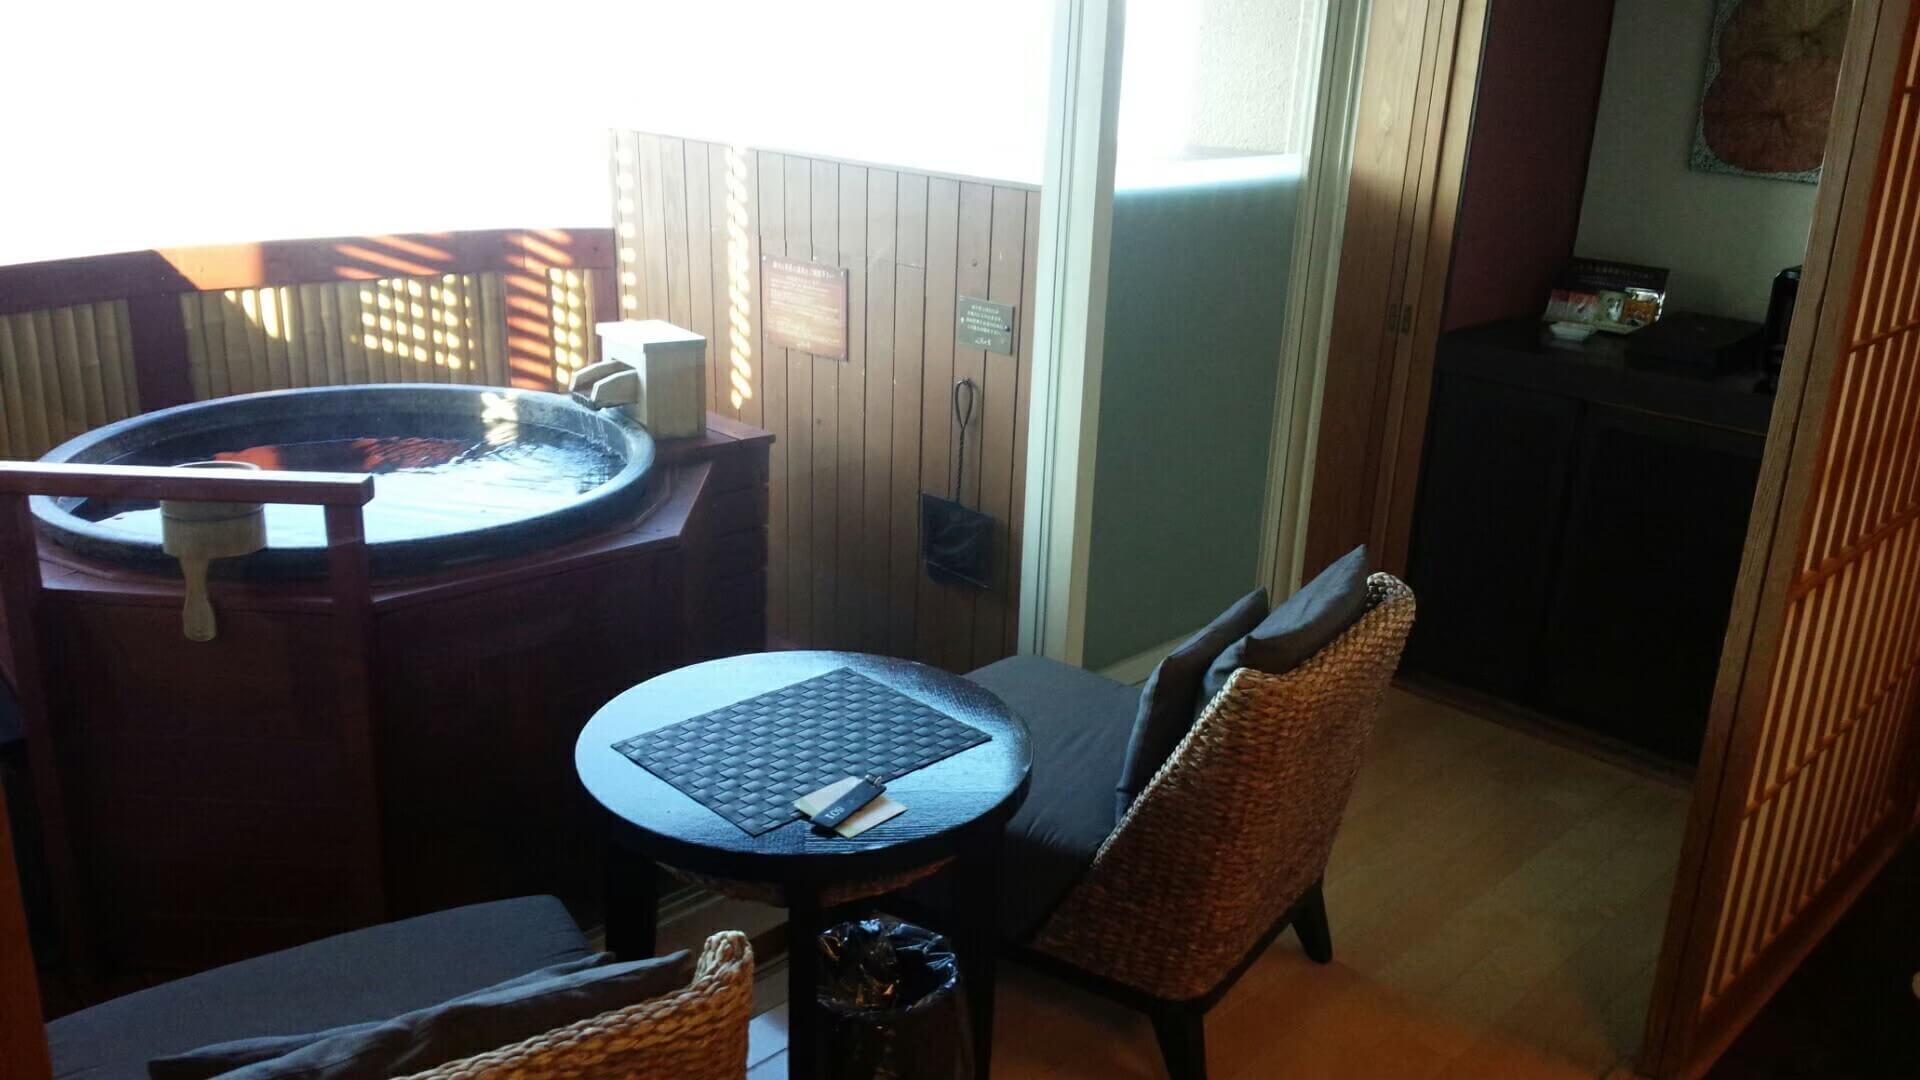 伊豆の高級旅館、風の薫の客室露天風呂(慶太ブログ)